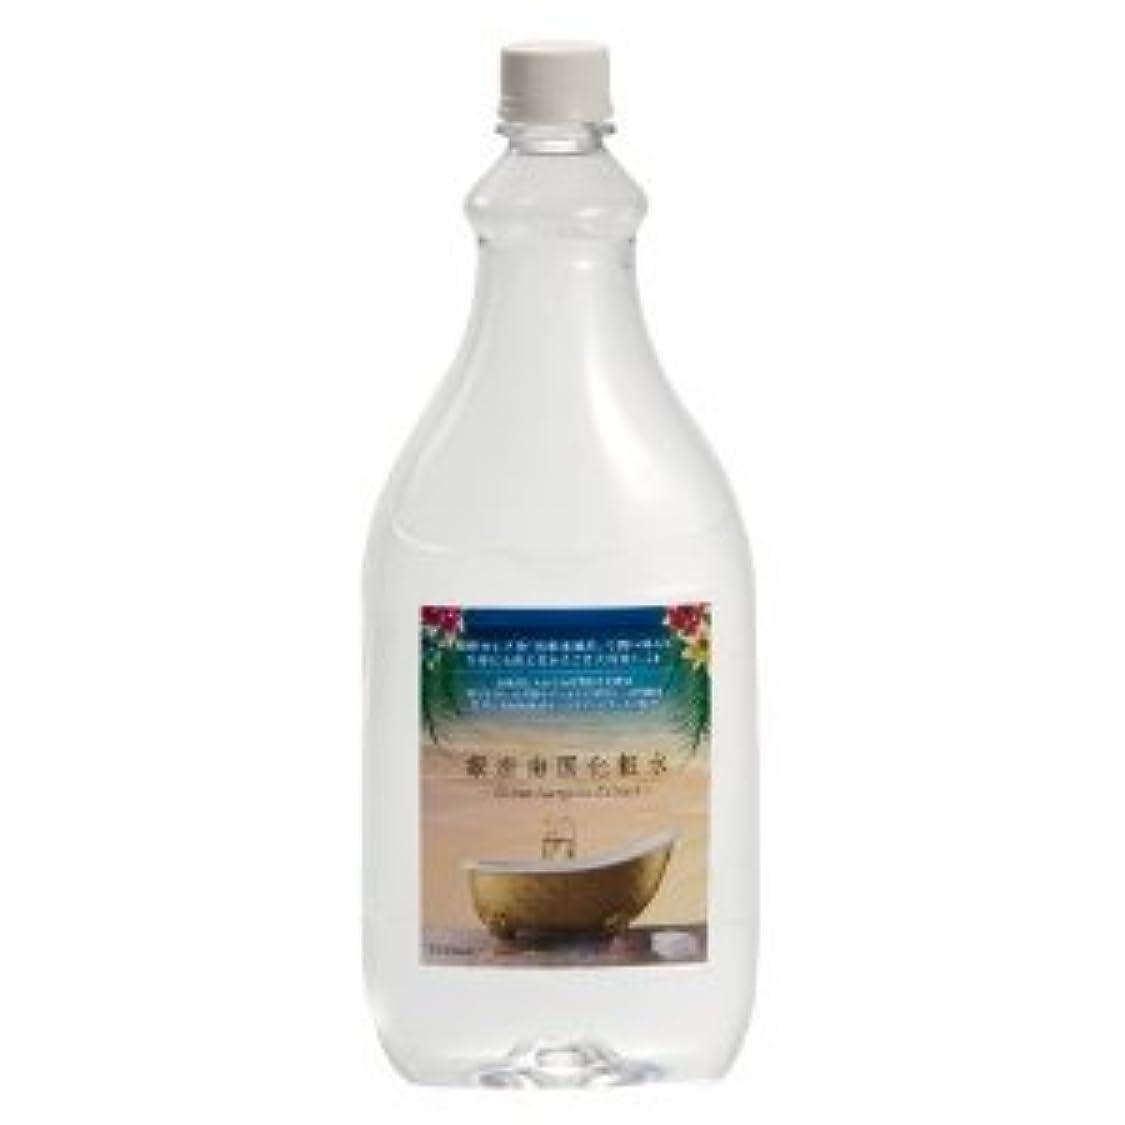 協会着陸中止します銀座南国化粧水 (1000ml) スプレーボトル付きセット